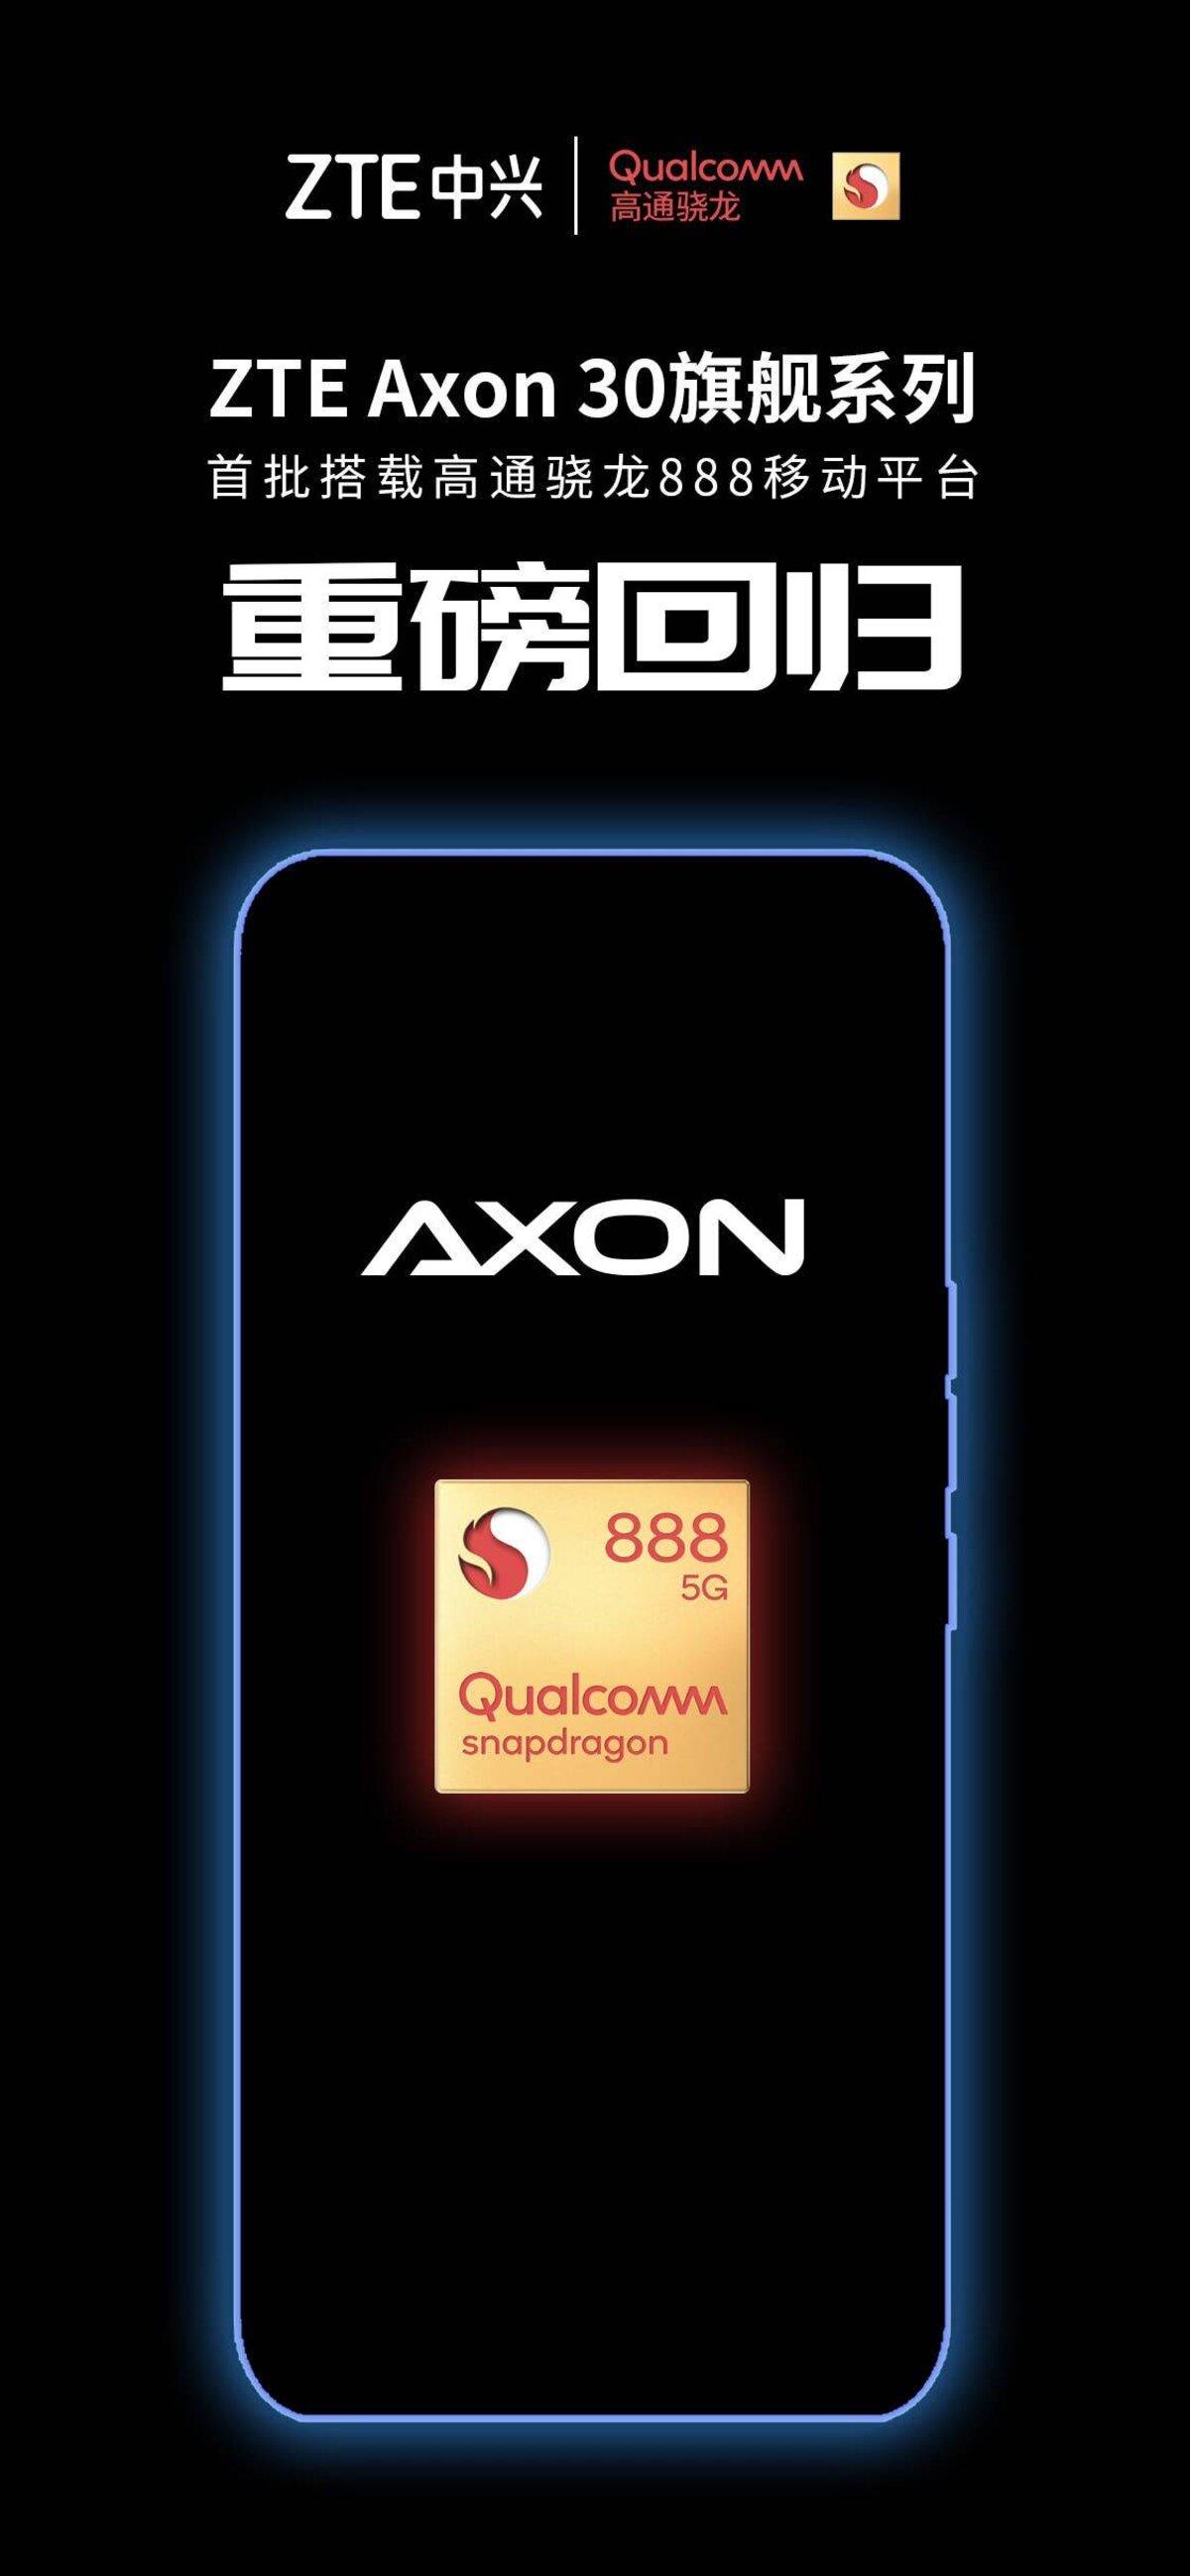 ZTE Axon 30: deuxième génération de terminaux avec caméra sous l'écran